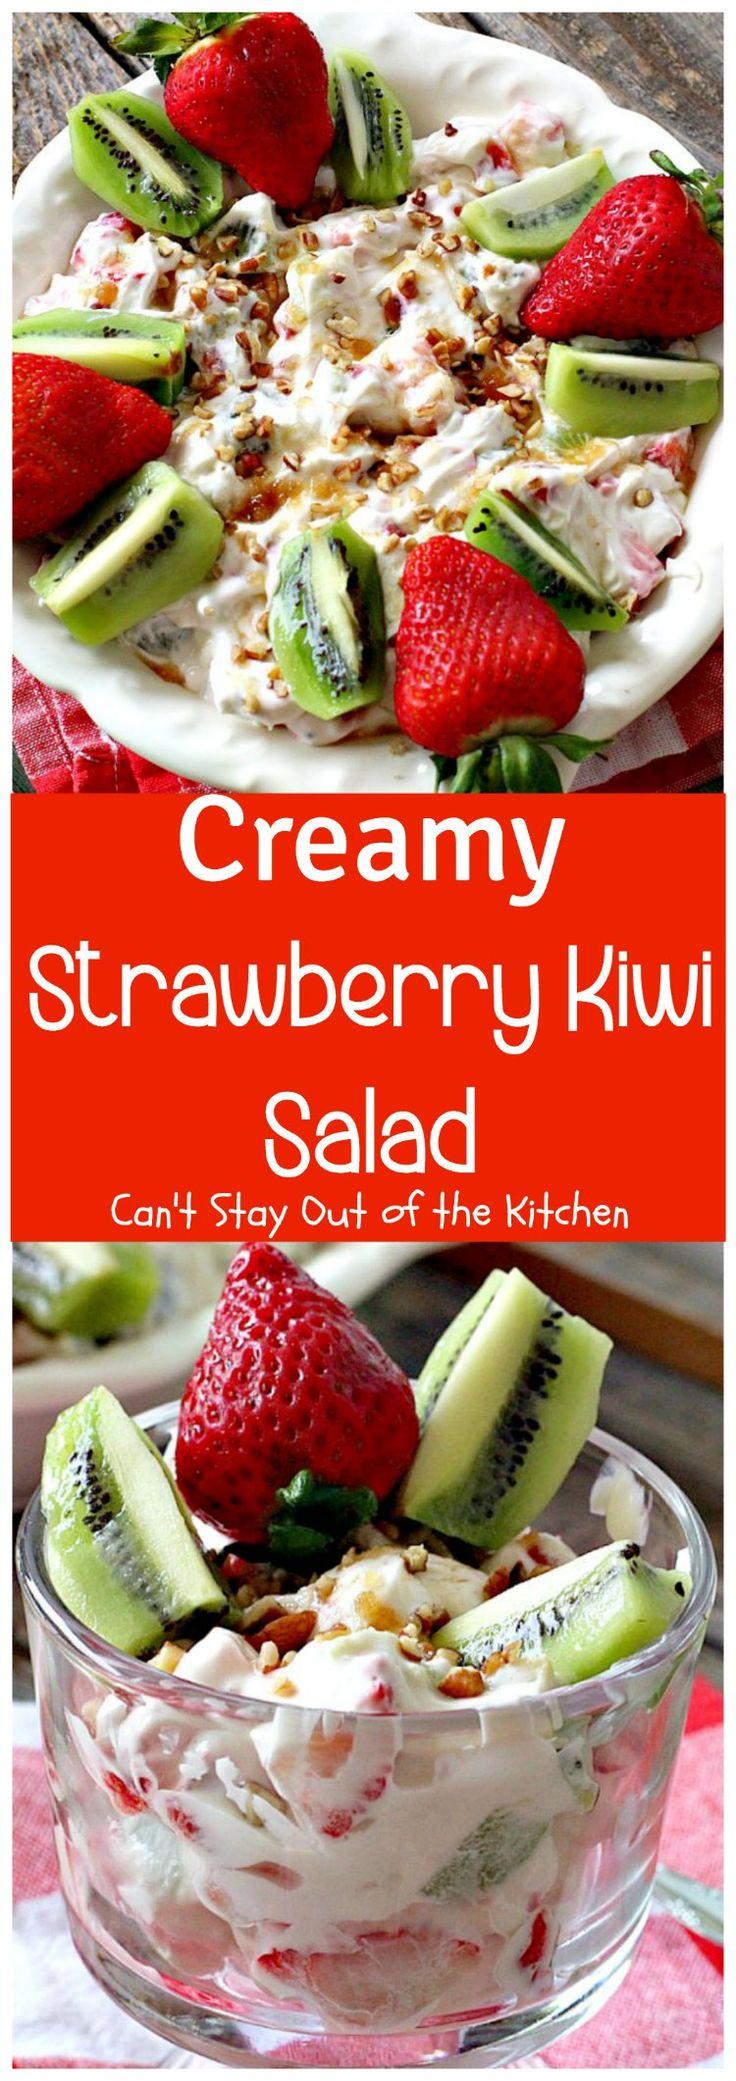 Creamy Strawberry Kiwi Salad